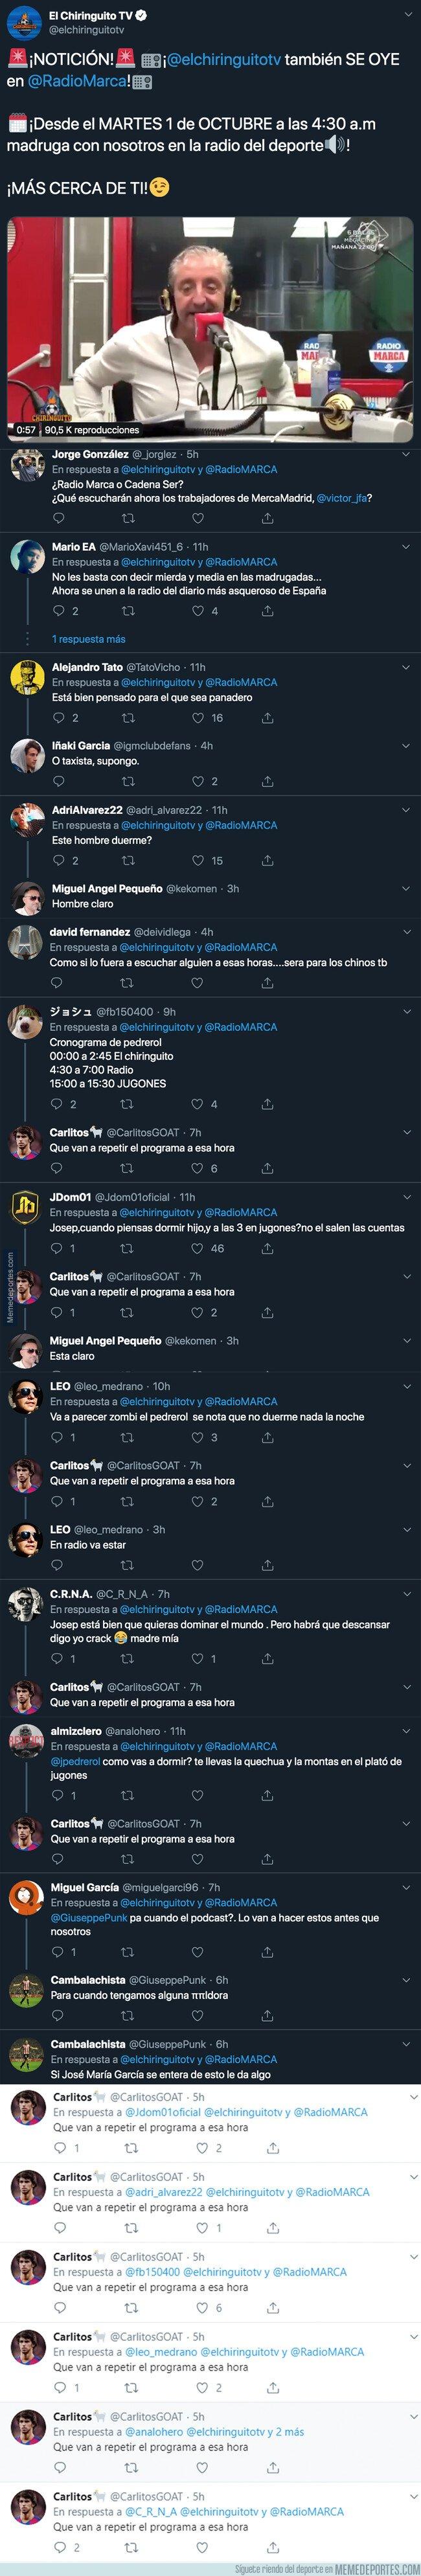 1086939 - Pedrerol anuncia que El Chiringuito podrá escucharse en esta famosa emisora de radio y todo el mundo está preguntándose lo mismo